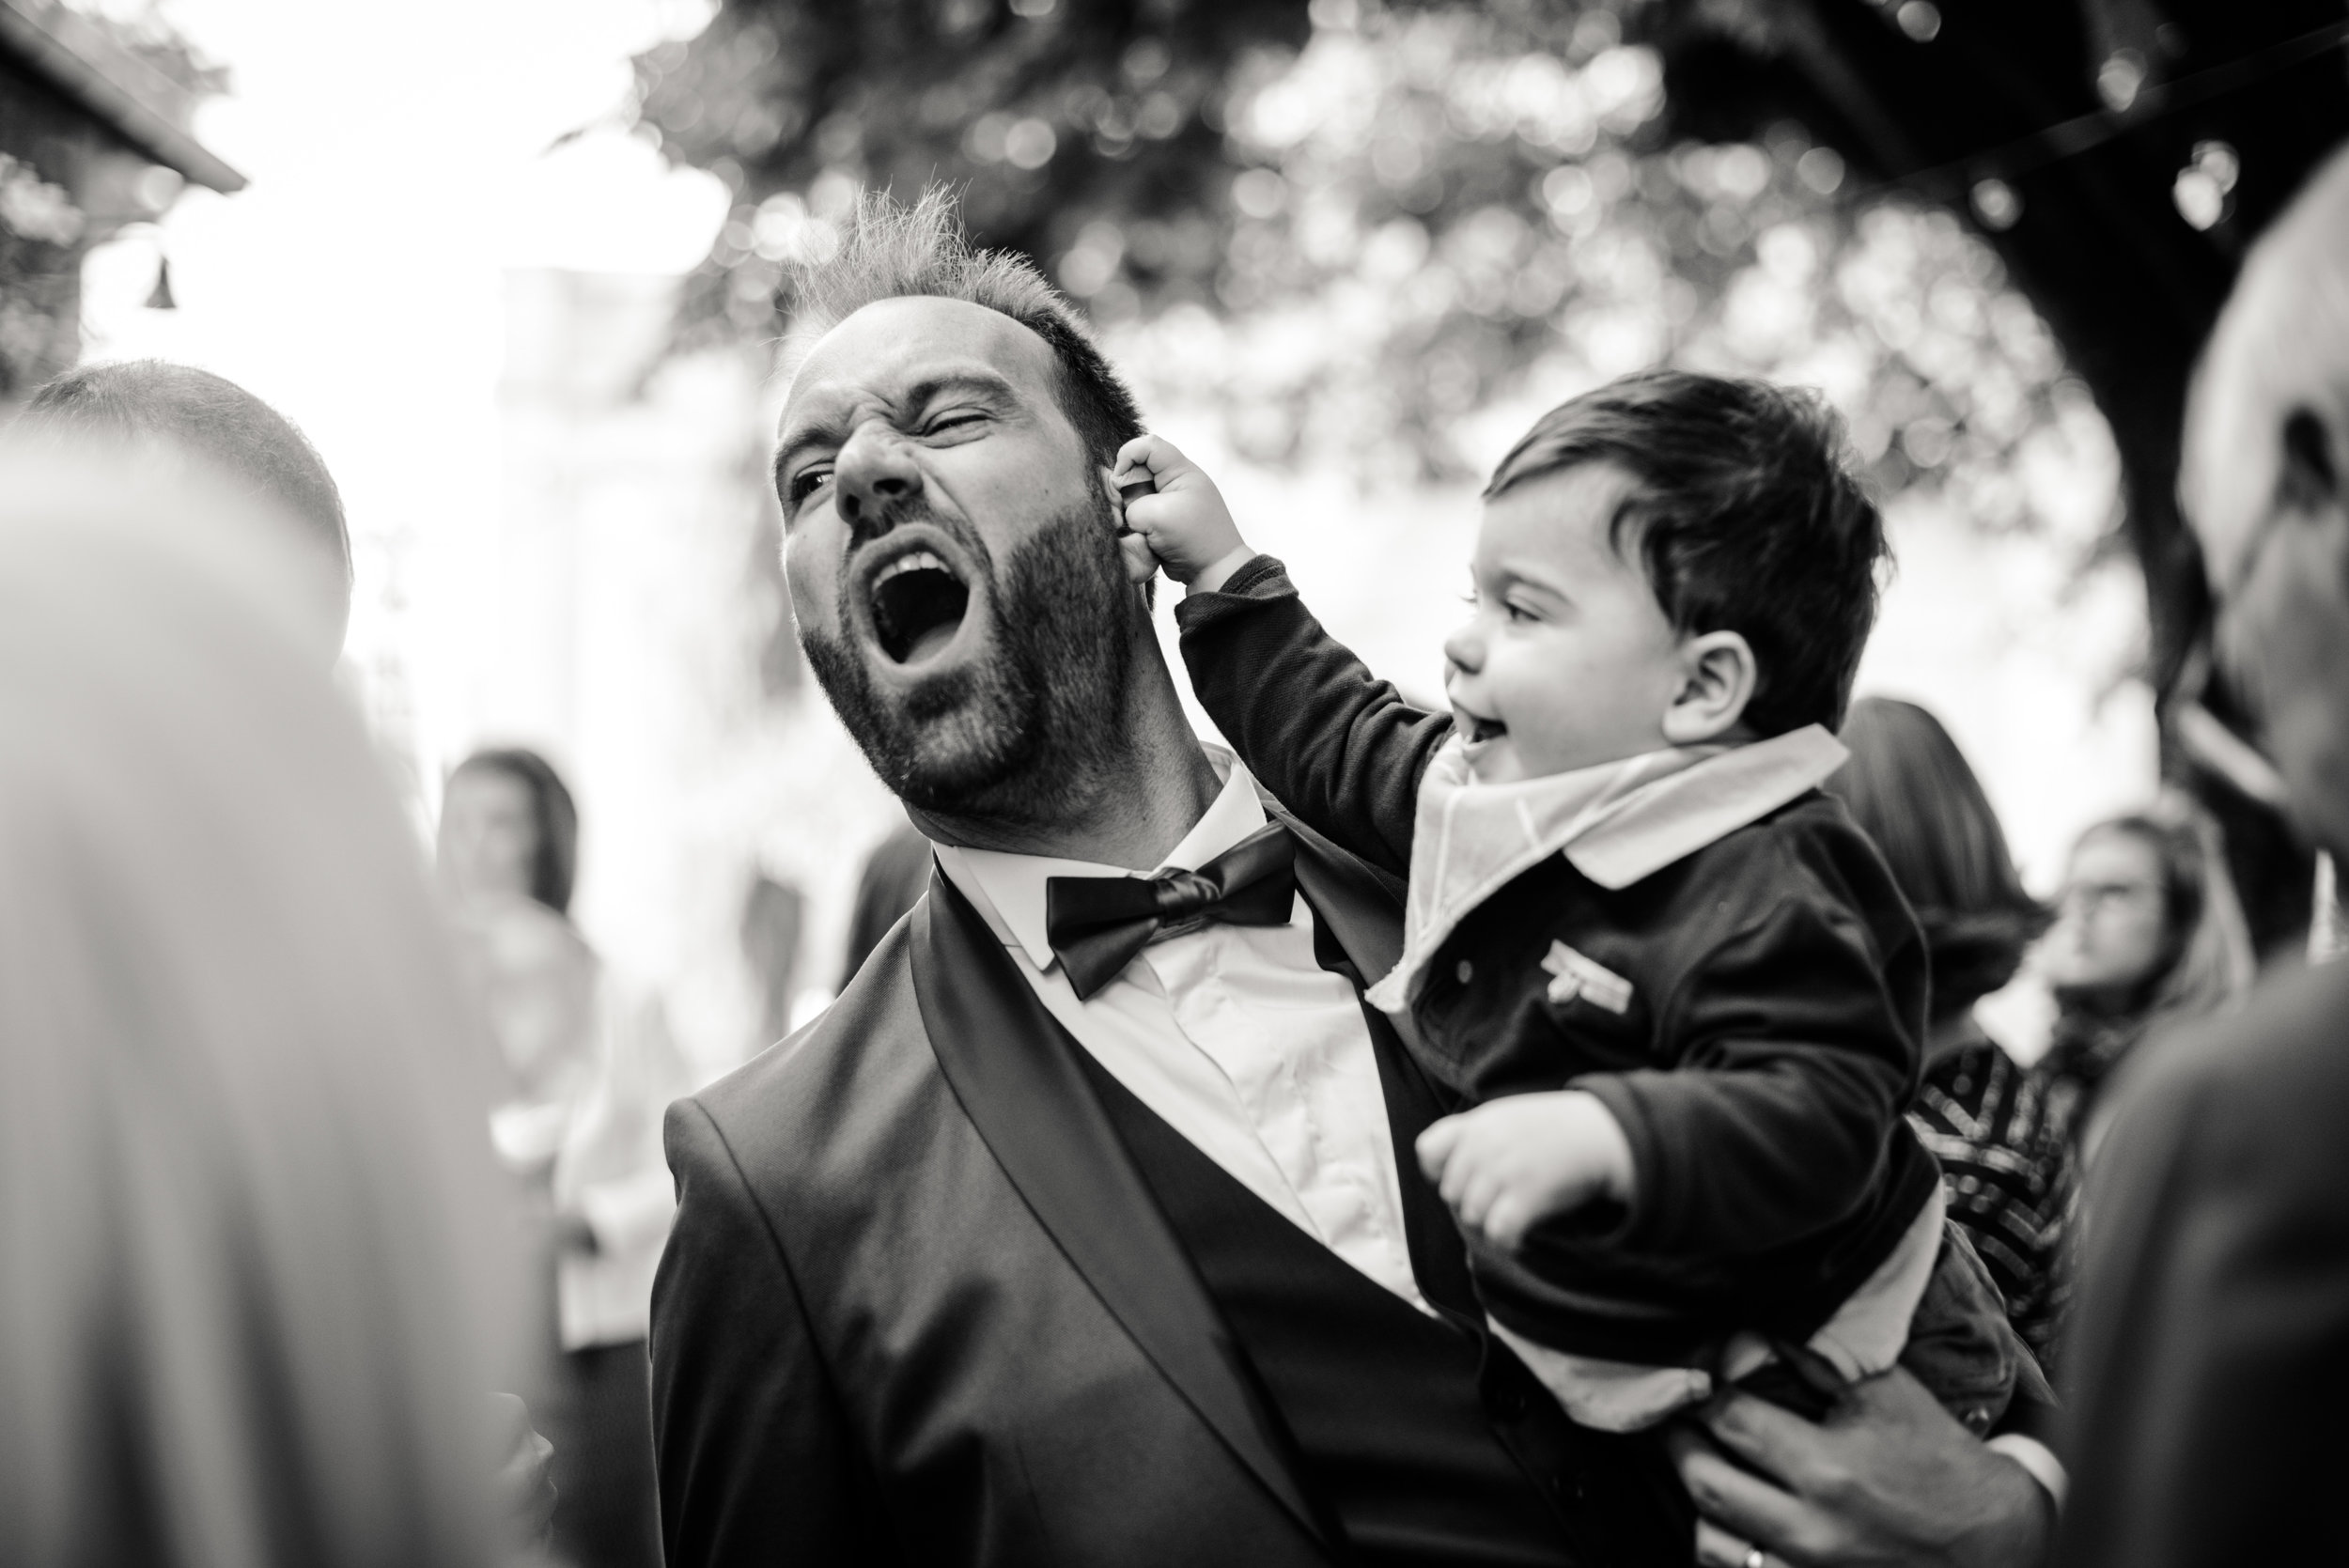 Léa-Fery-photographe-professionnel-lyon-rhone-alpes-portrait-creation-mariage-evenement-evenementiel-famille-9321.jpg